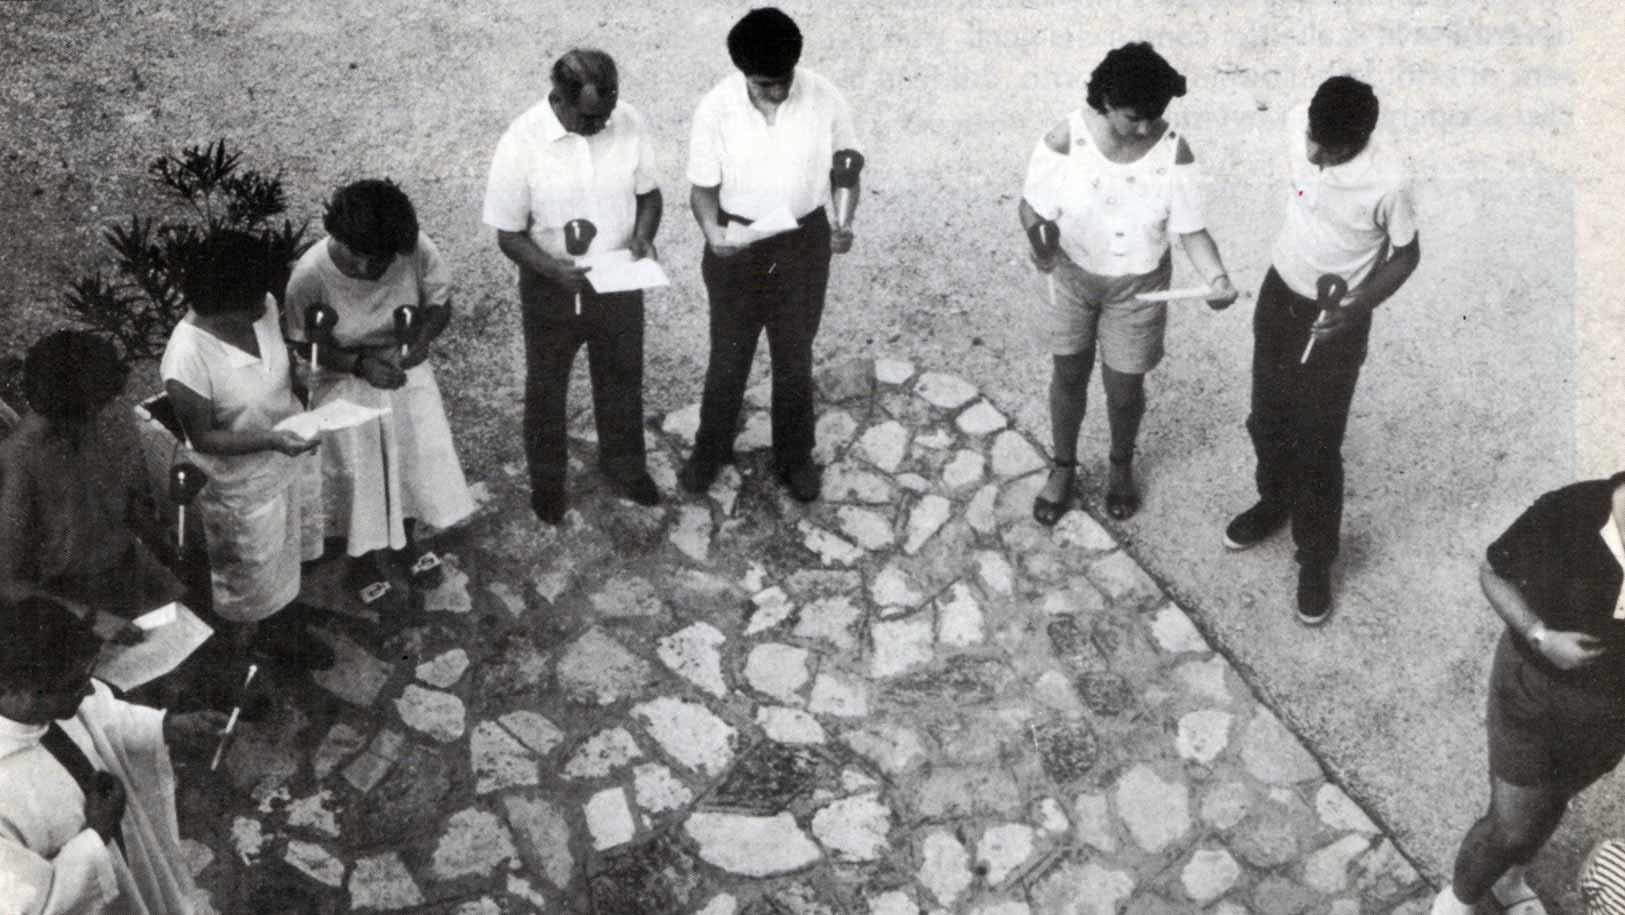 Come rendere viva la messa facendo unità - Ombre e Luci n.38, 1992